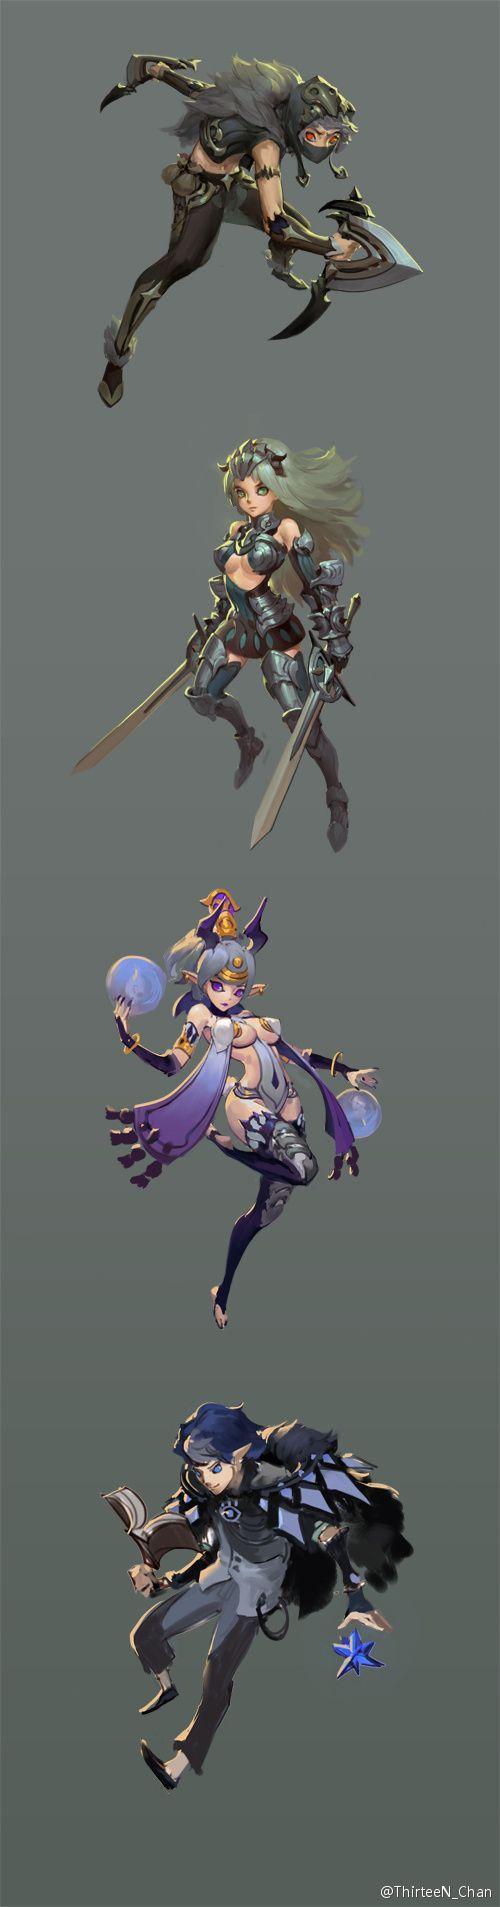 칼 마법 이도류(쌍칼)